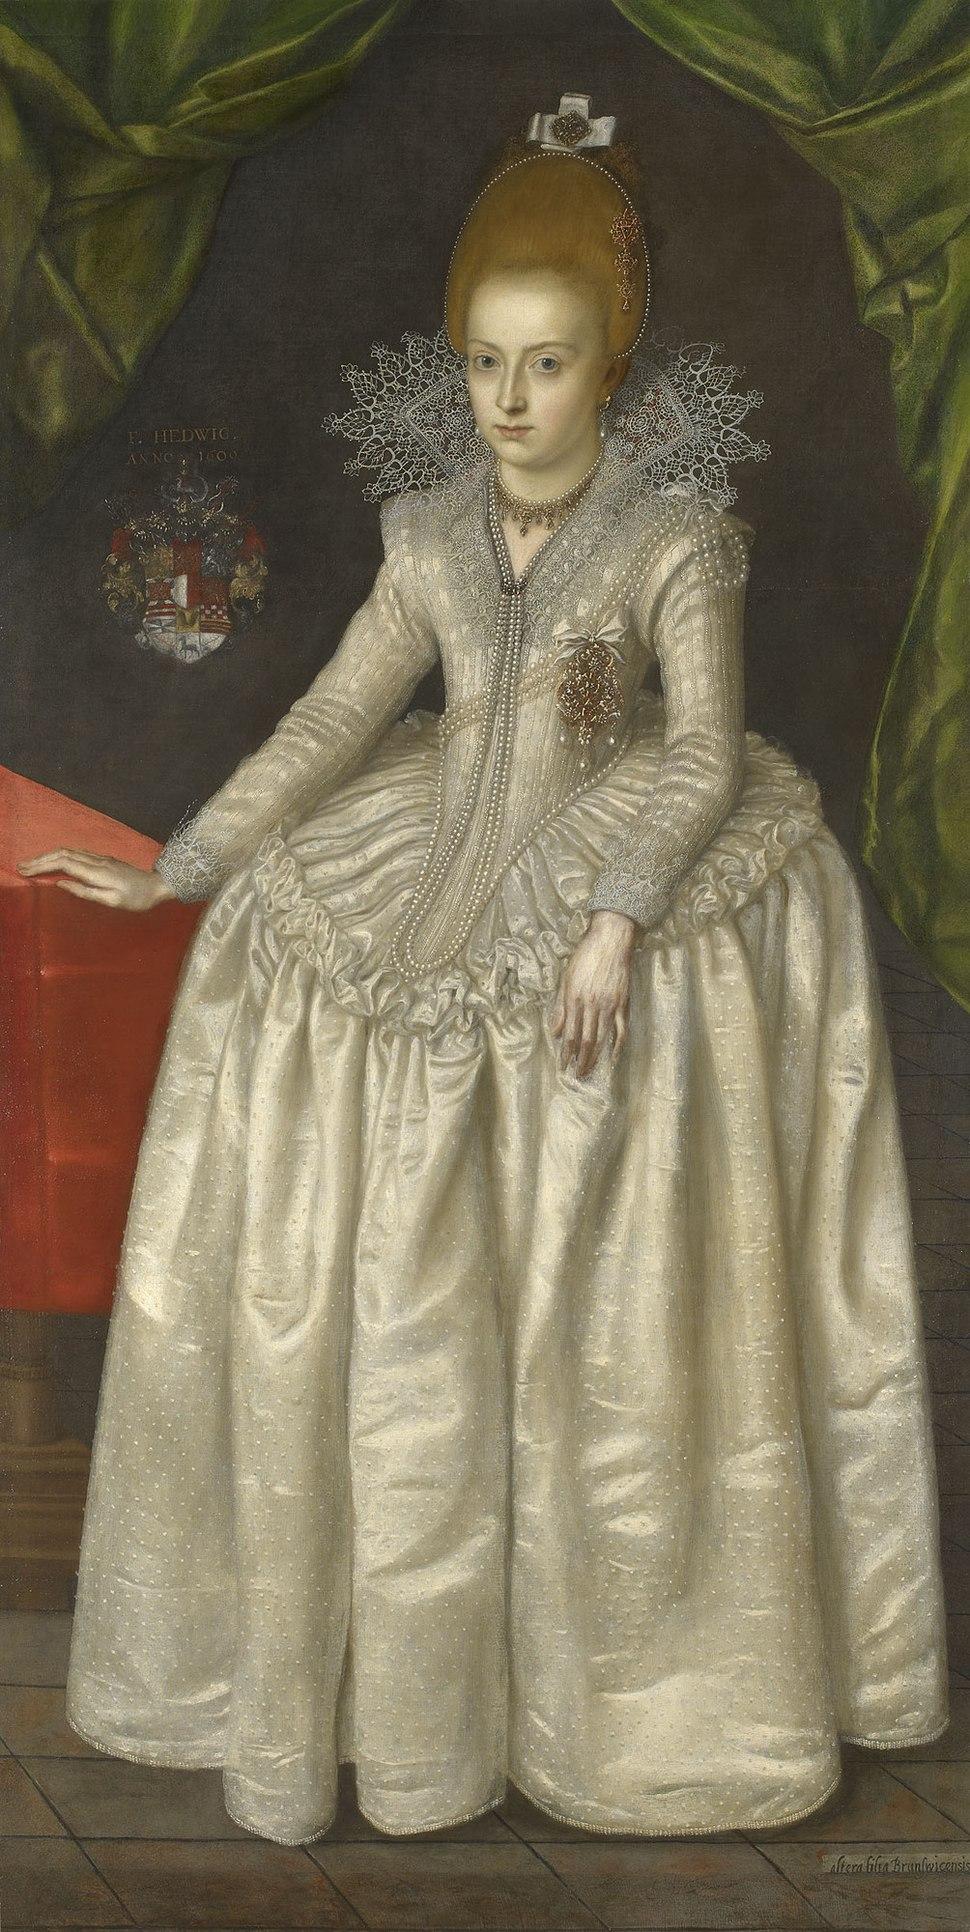 Princess Hedwig of Brunswick-Wolfebuttel, Duchess of Pomerania